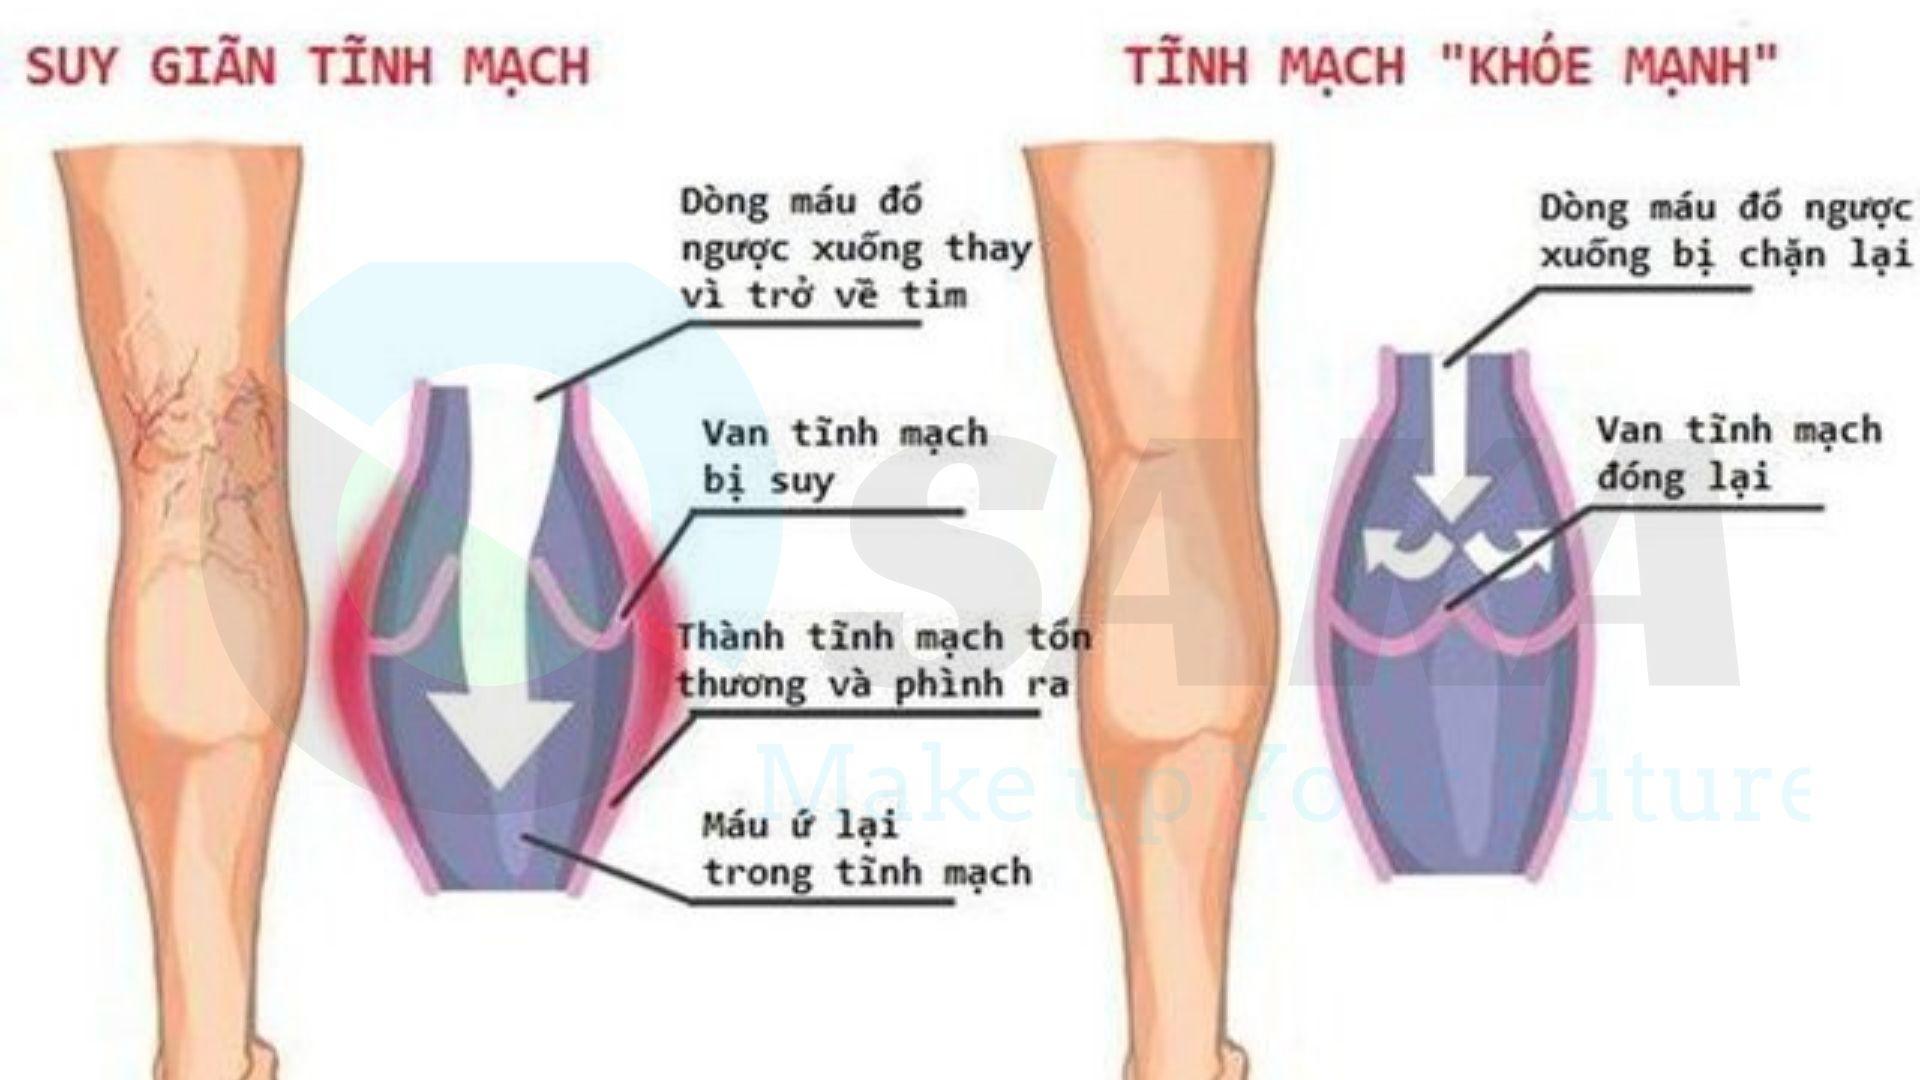 Vấn đề giãn tĩnh mạch chân độ C1